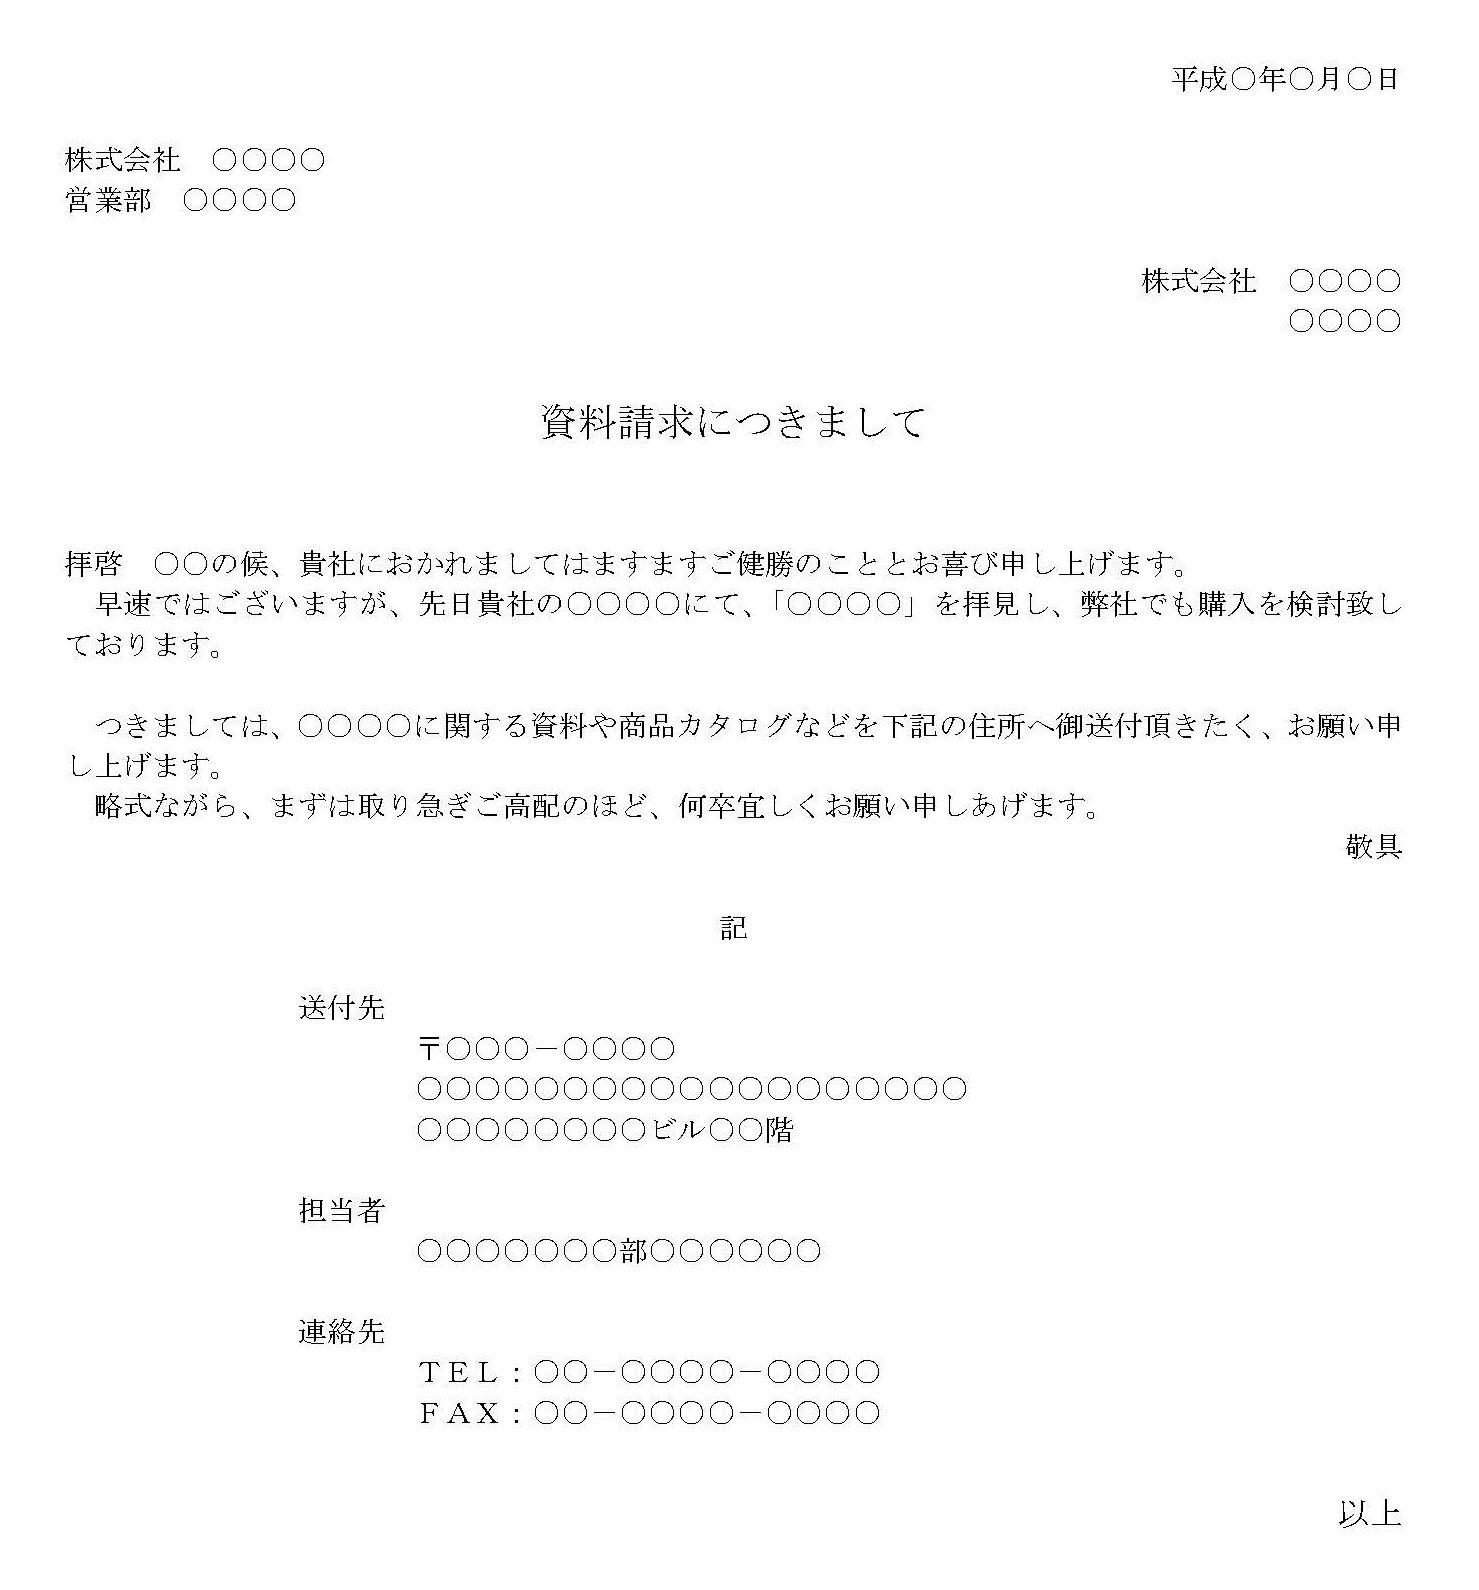 依頼状(資料請求)02